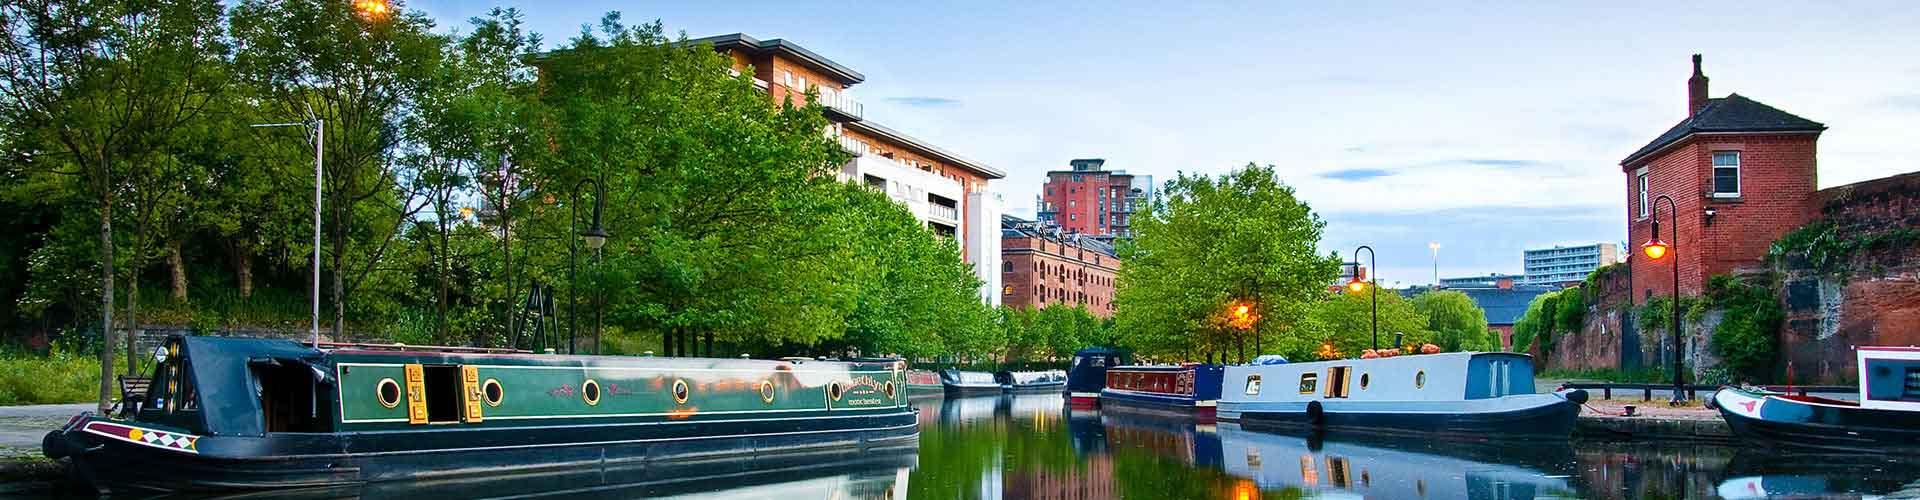 Manchester - Auberges de jeunesse dans le quartier de Centre-ville. Cartes pour Manchester, photos et commentaires pour chaque auberge de jeunesse à Manchester.